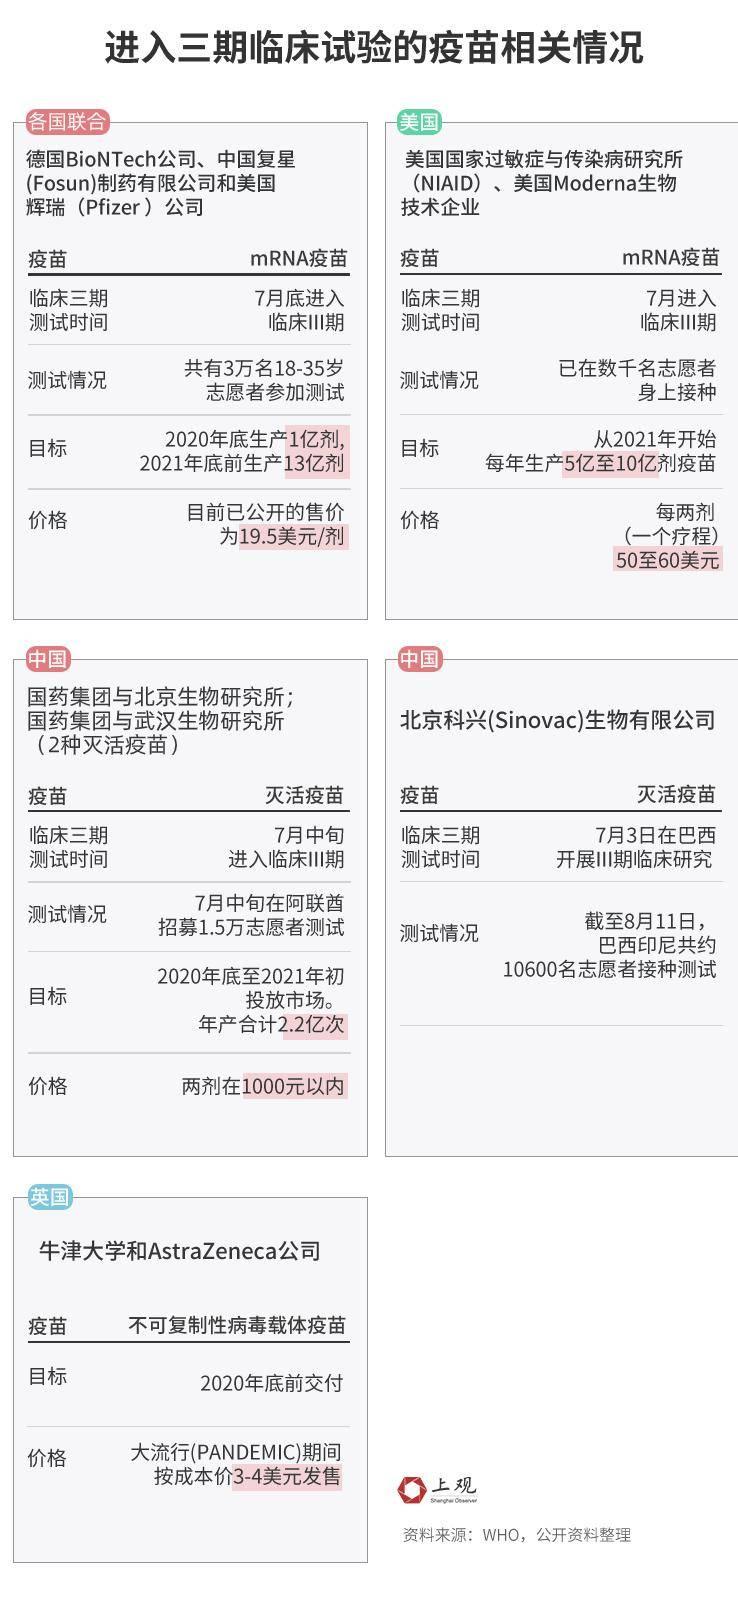 谁是王者?169种新冠疫苗进程大揭秘,中国目前走在前列